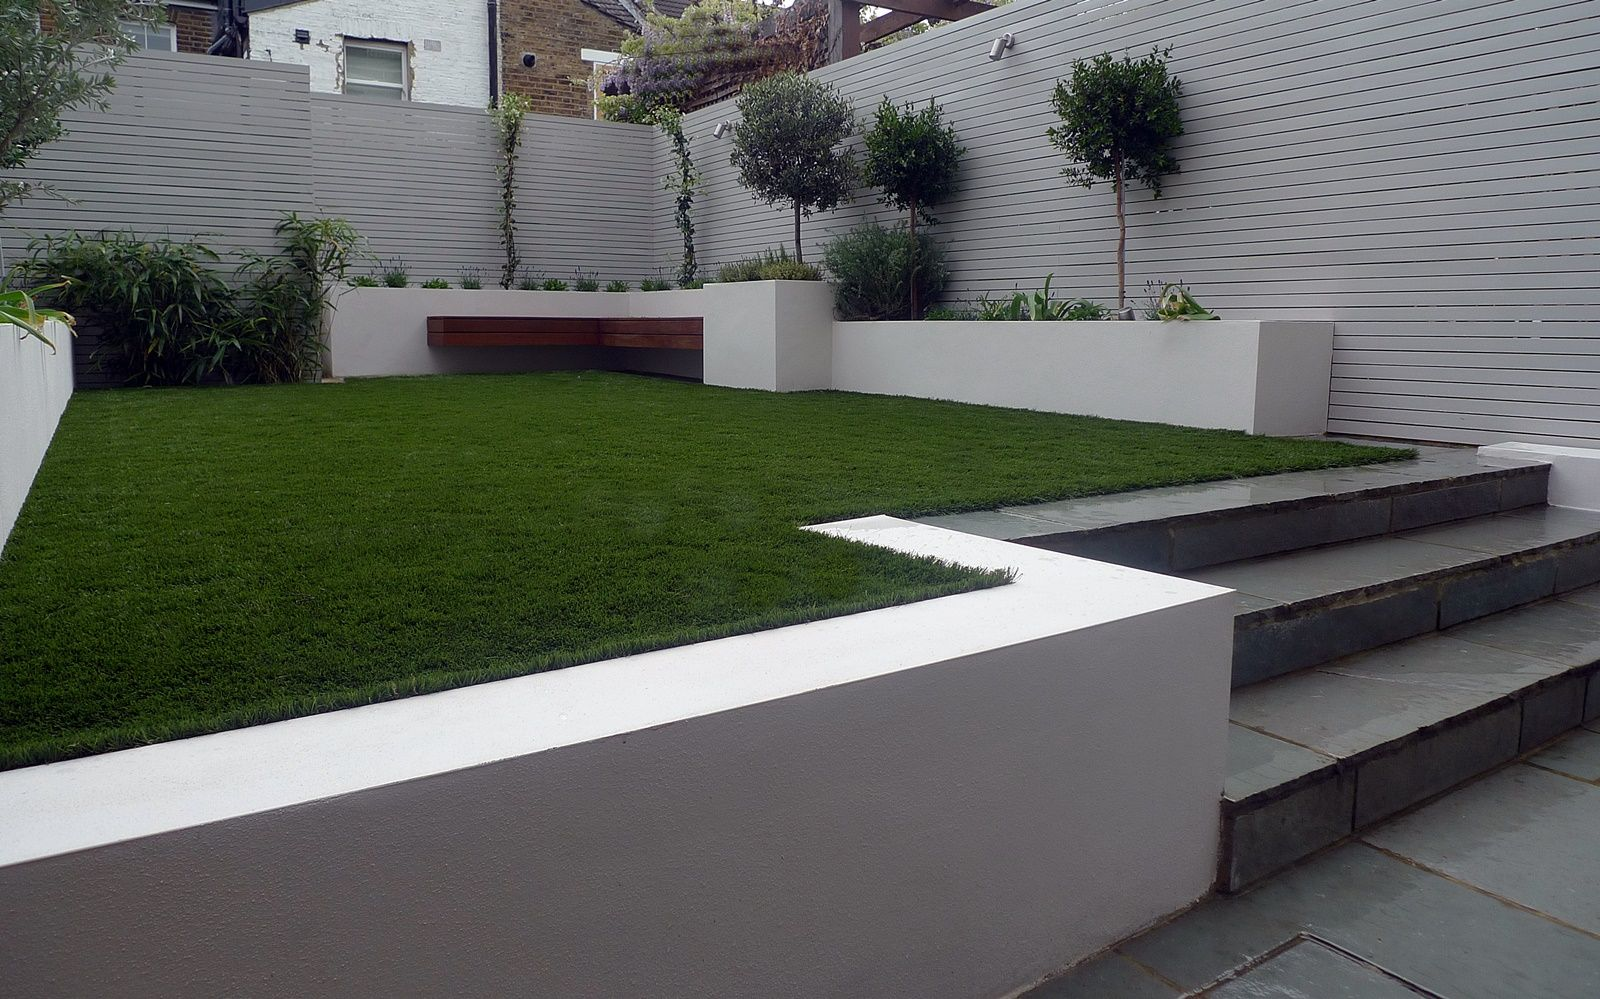 Modern Small Garden Design Artificial Grass Raised Beds 400 x 300